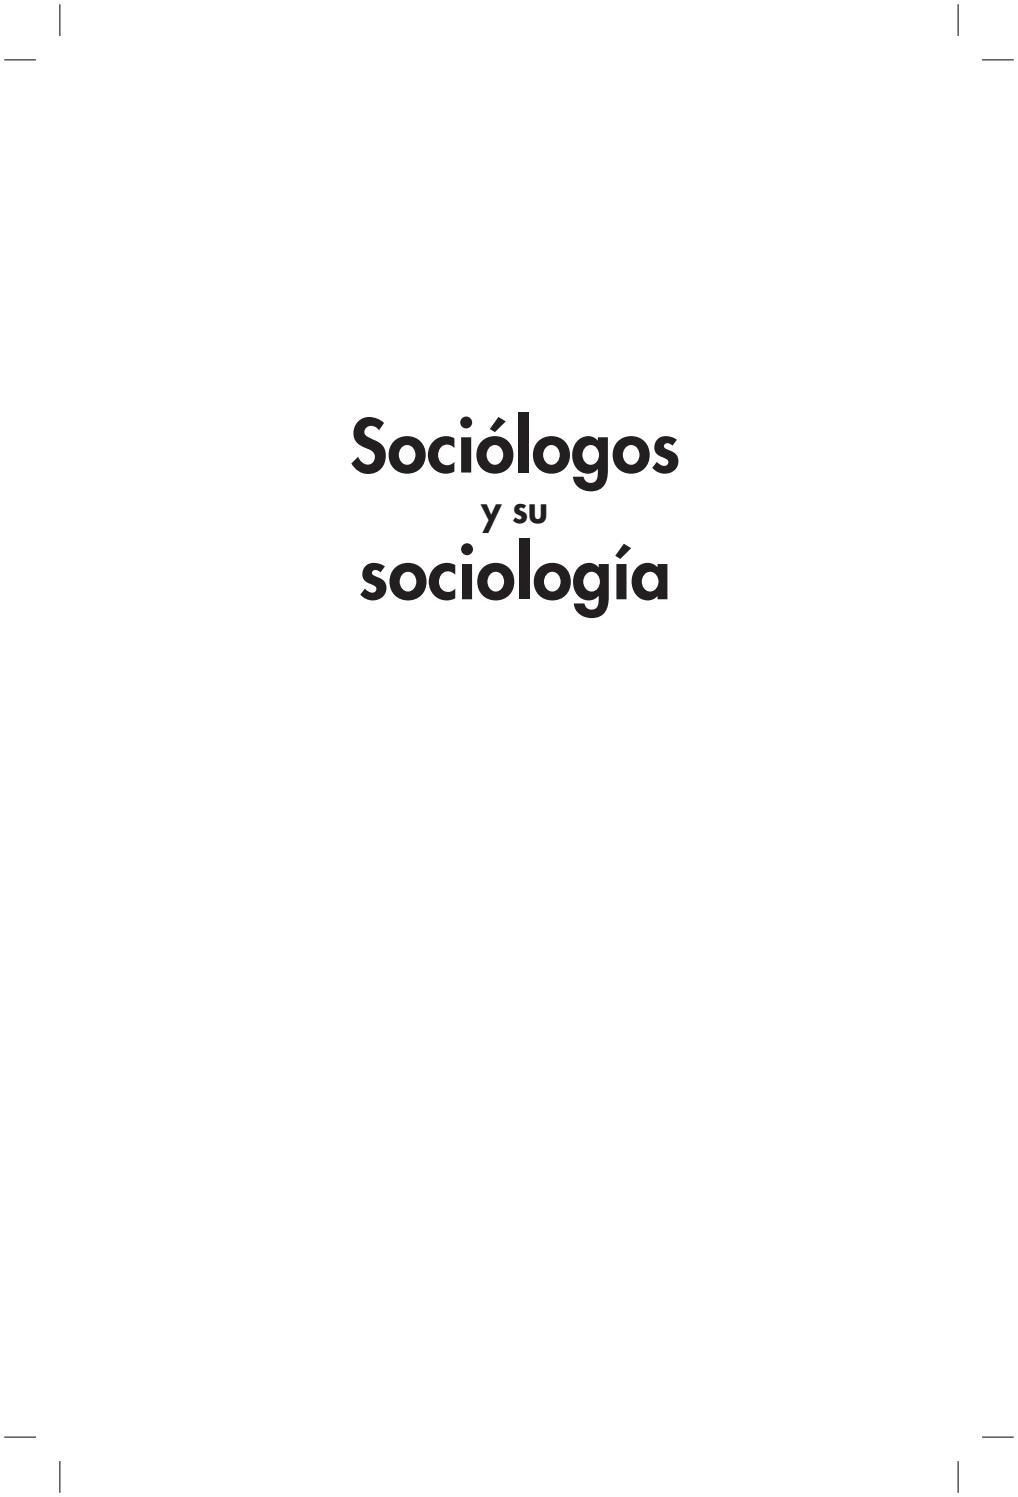 Sociologos libro by adocis88 - issuu